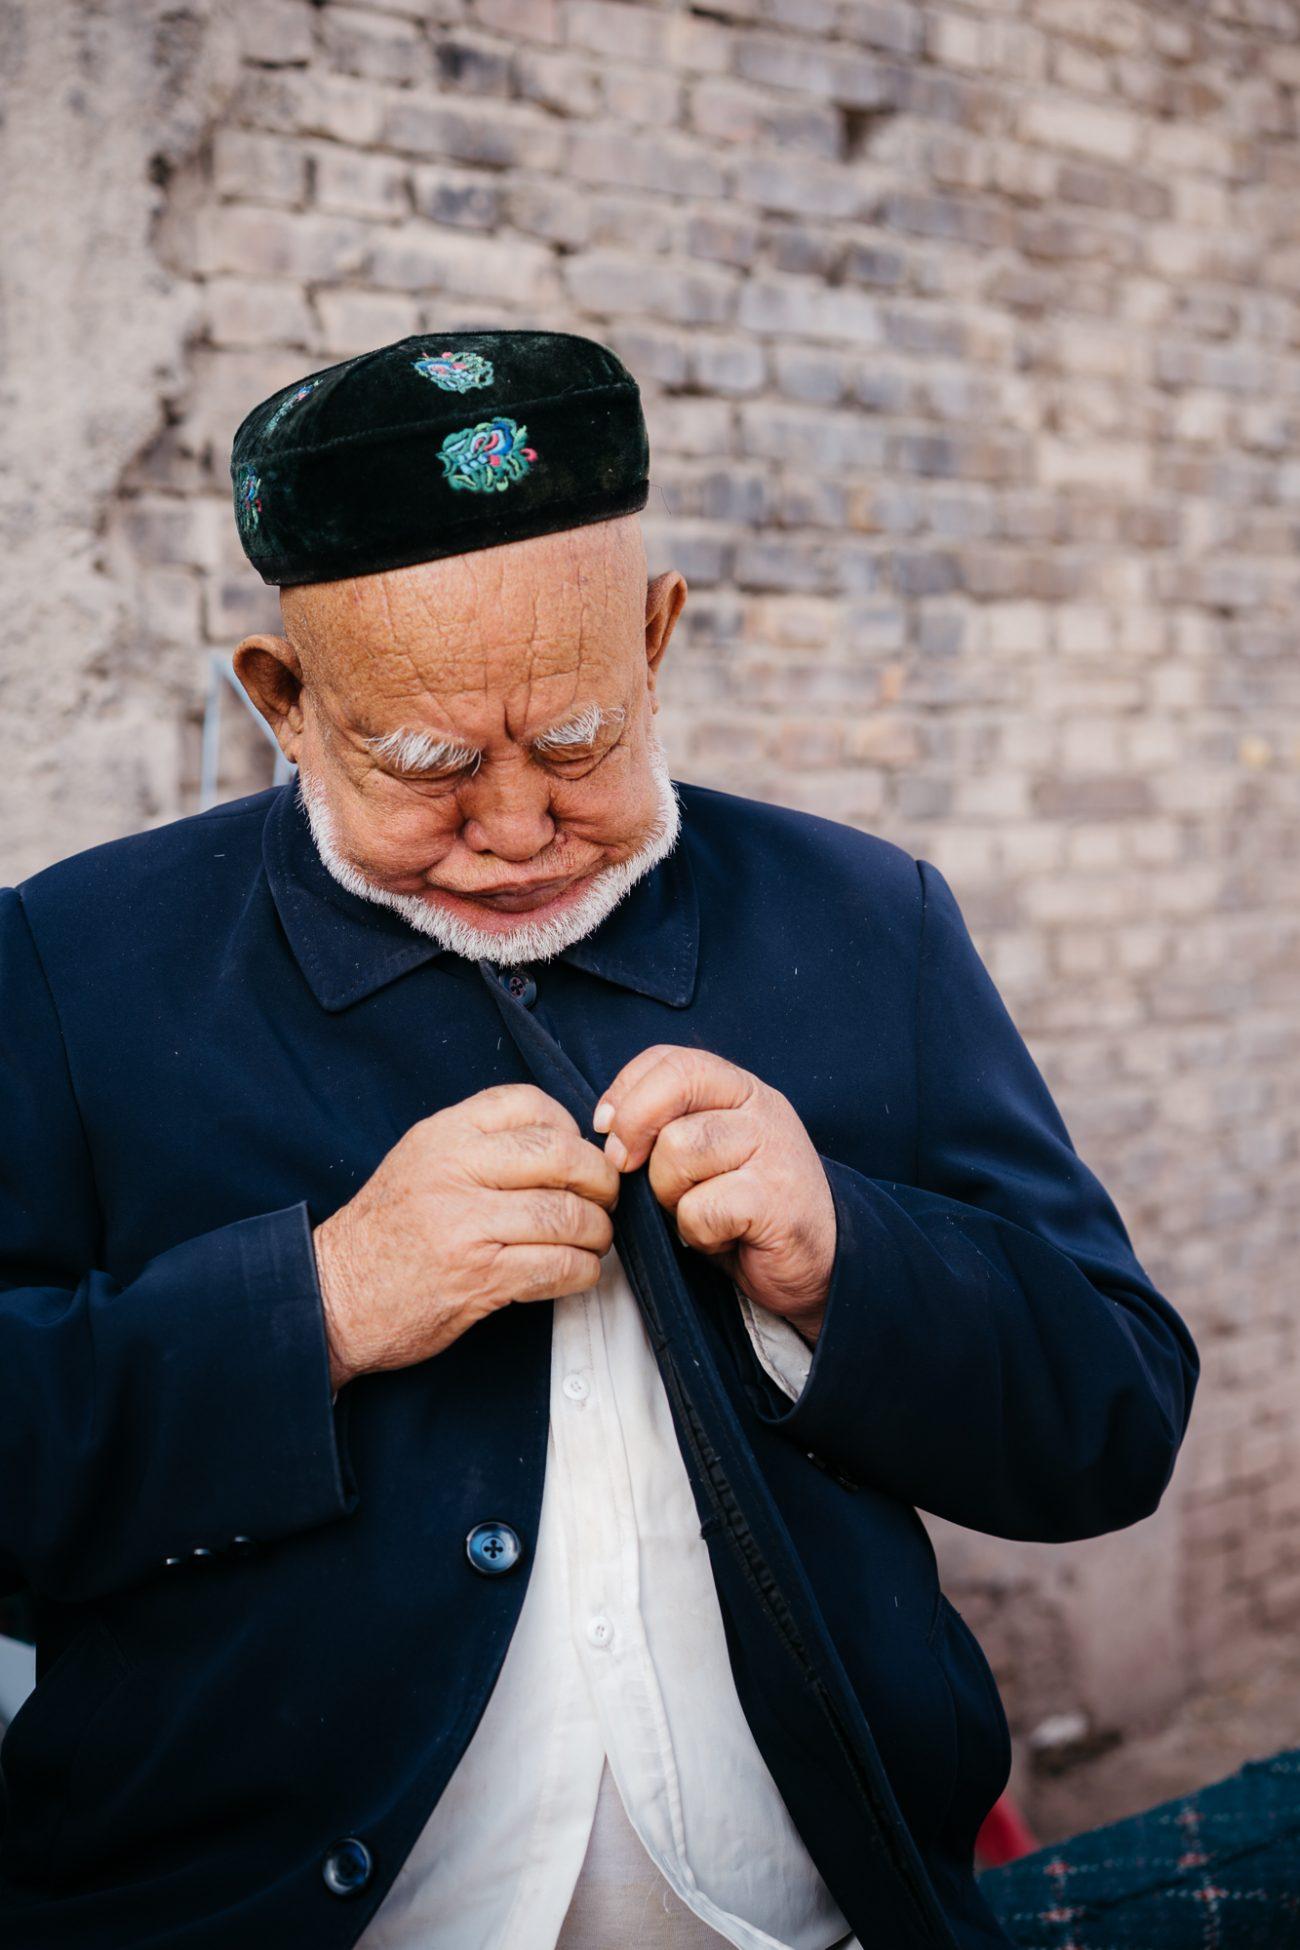 Kachgar région ouïghoure xinjiang vieil homme chapeau